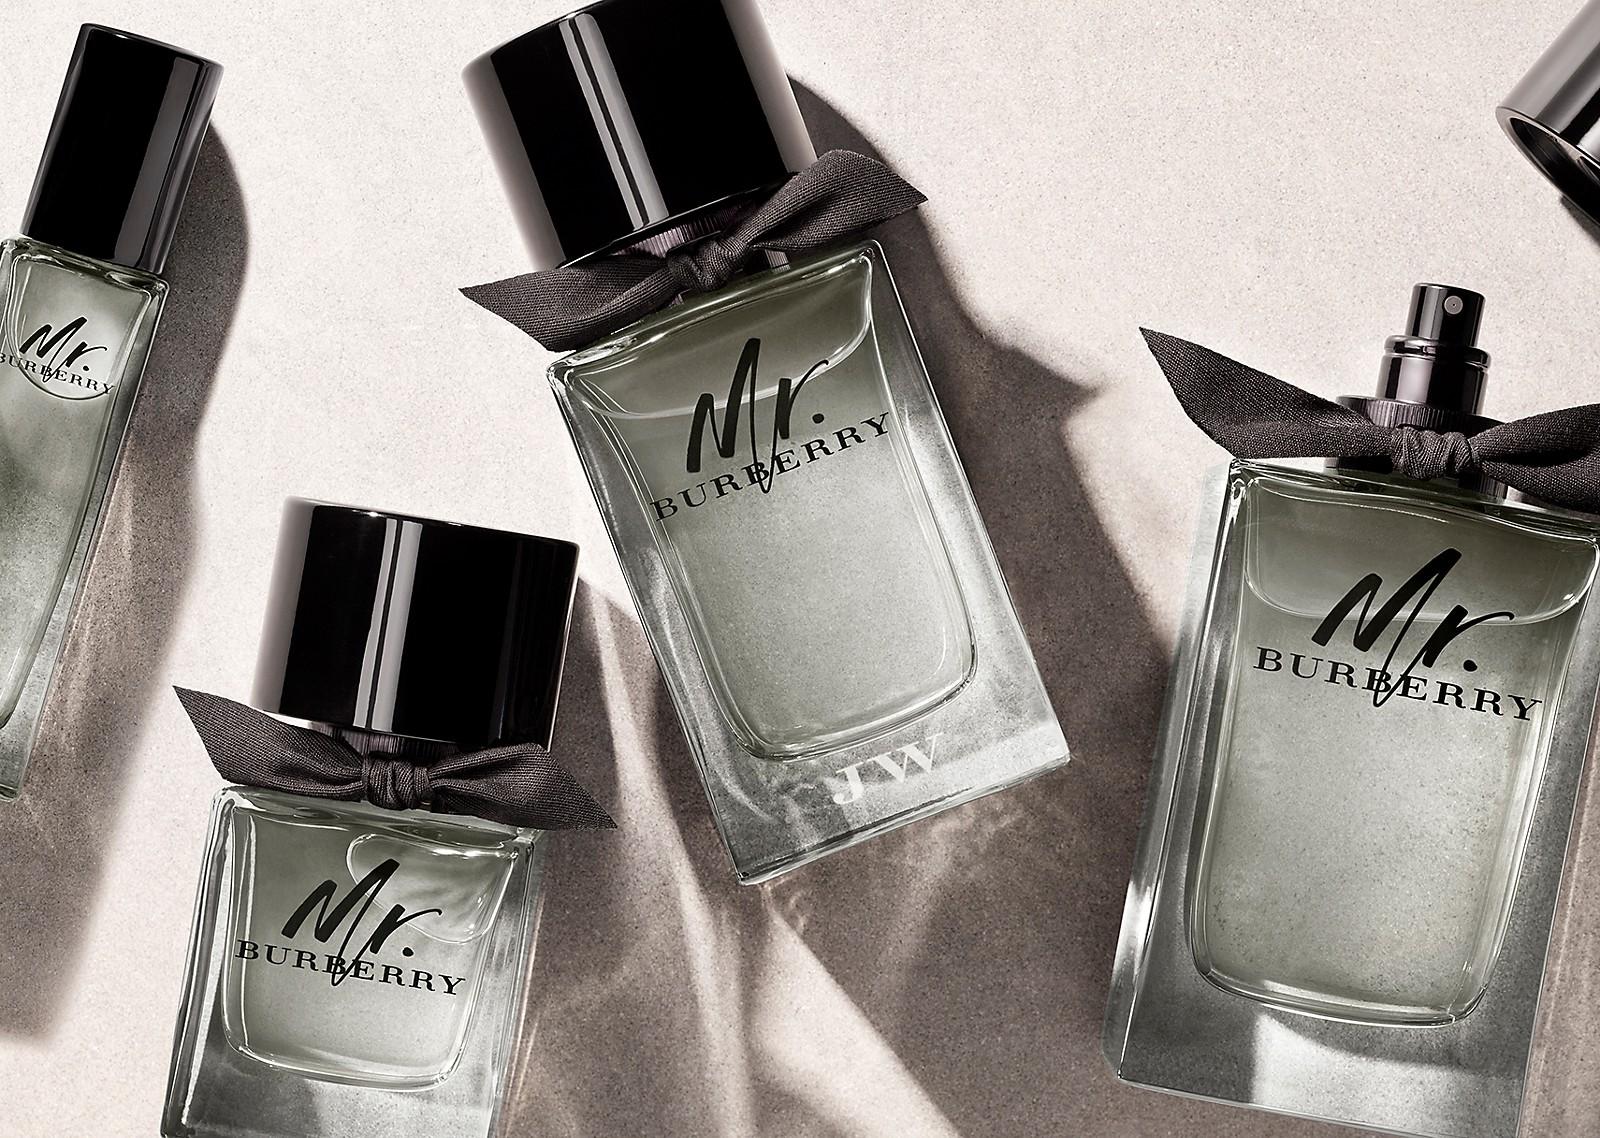 Mr. Burberry The new fragrance for men